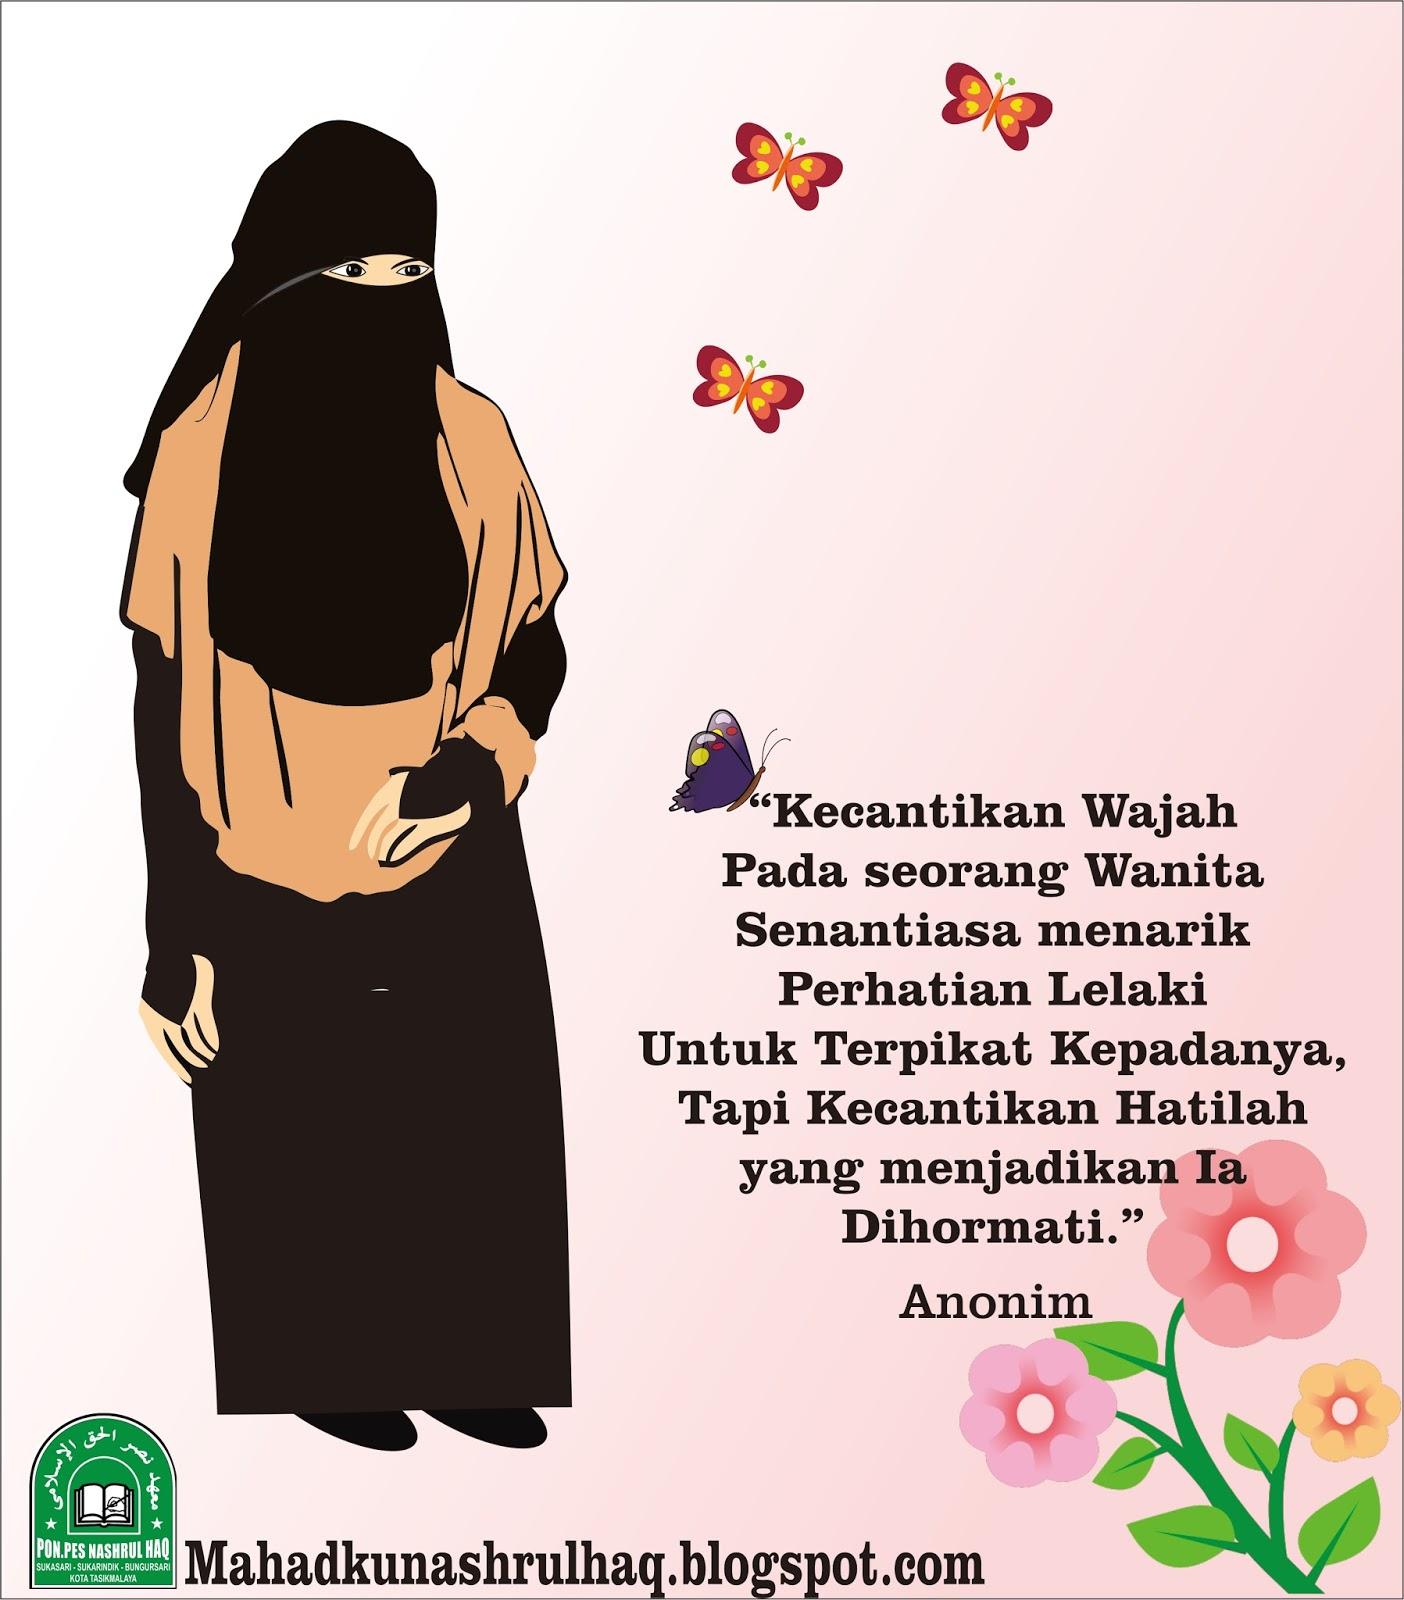 Lelaki Kartun Muslimah Terbaru Wwwtollebildcom